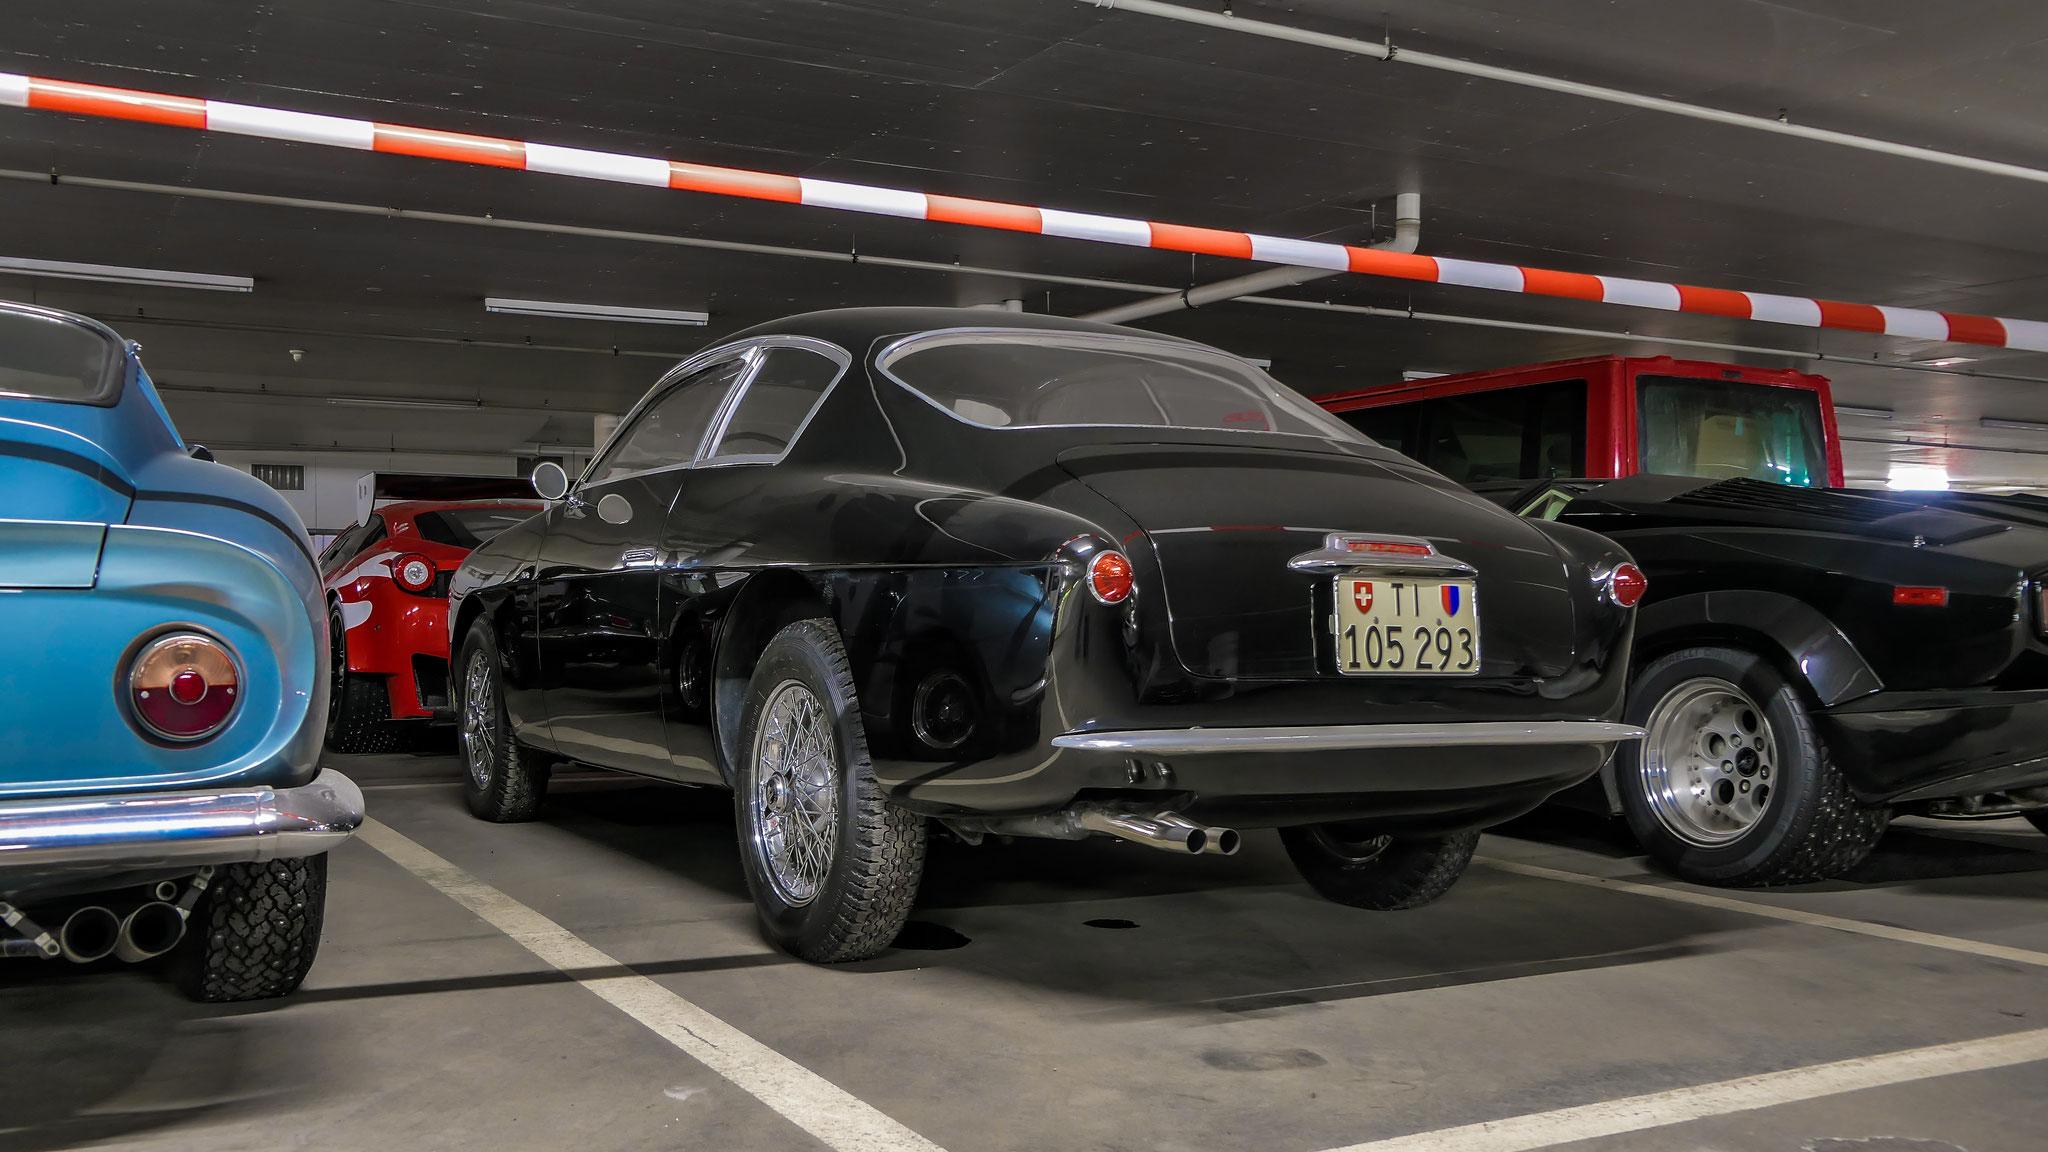 Alfa Romeo 1900C SS Zagato (1of39) - TI-105293 (CH)